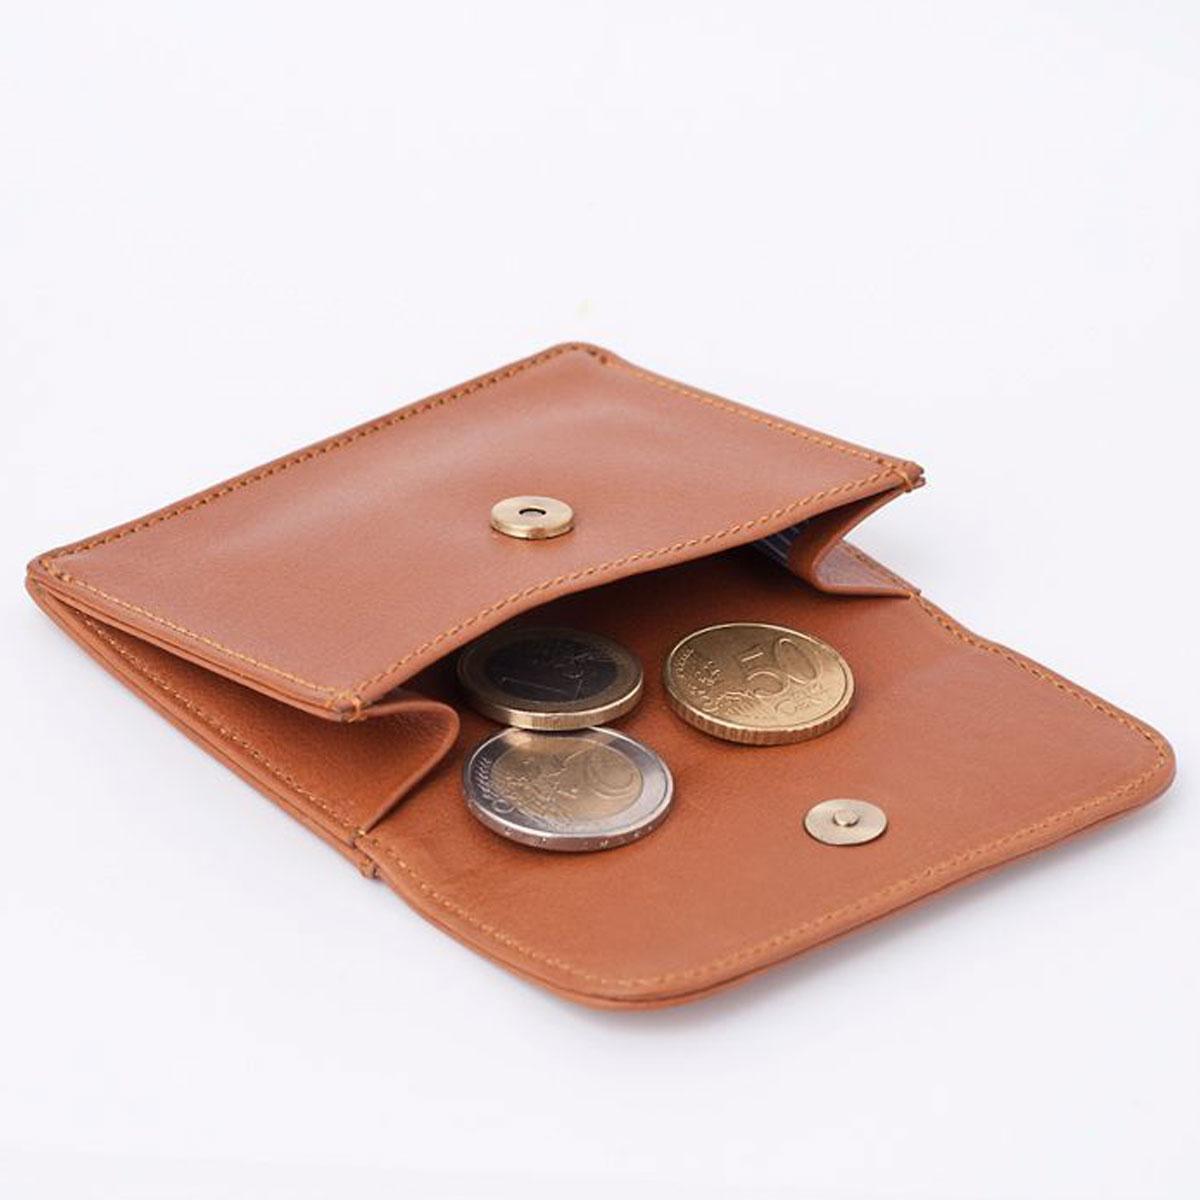 Porte cartes et monnaie